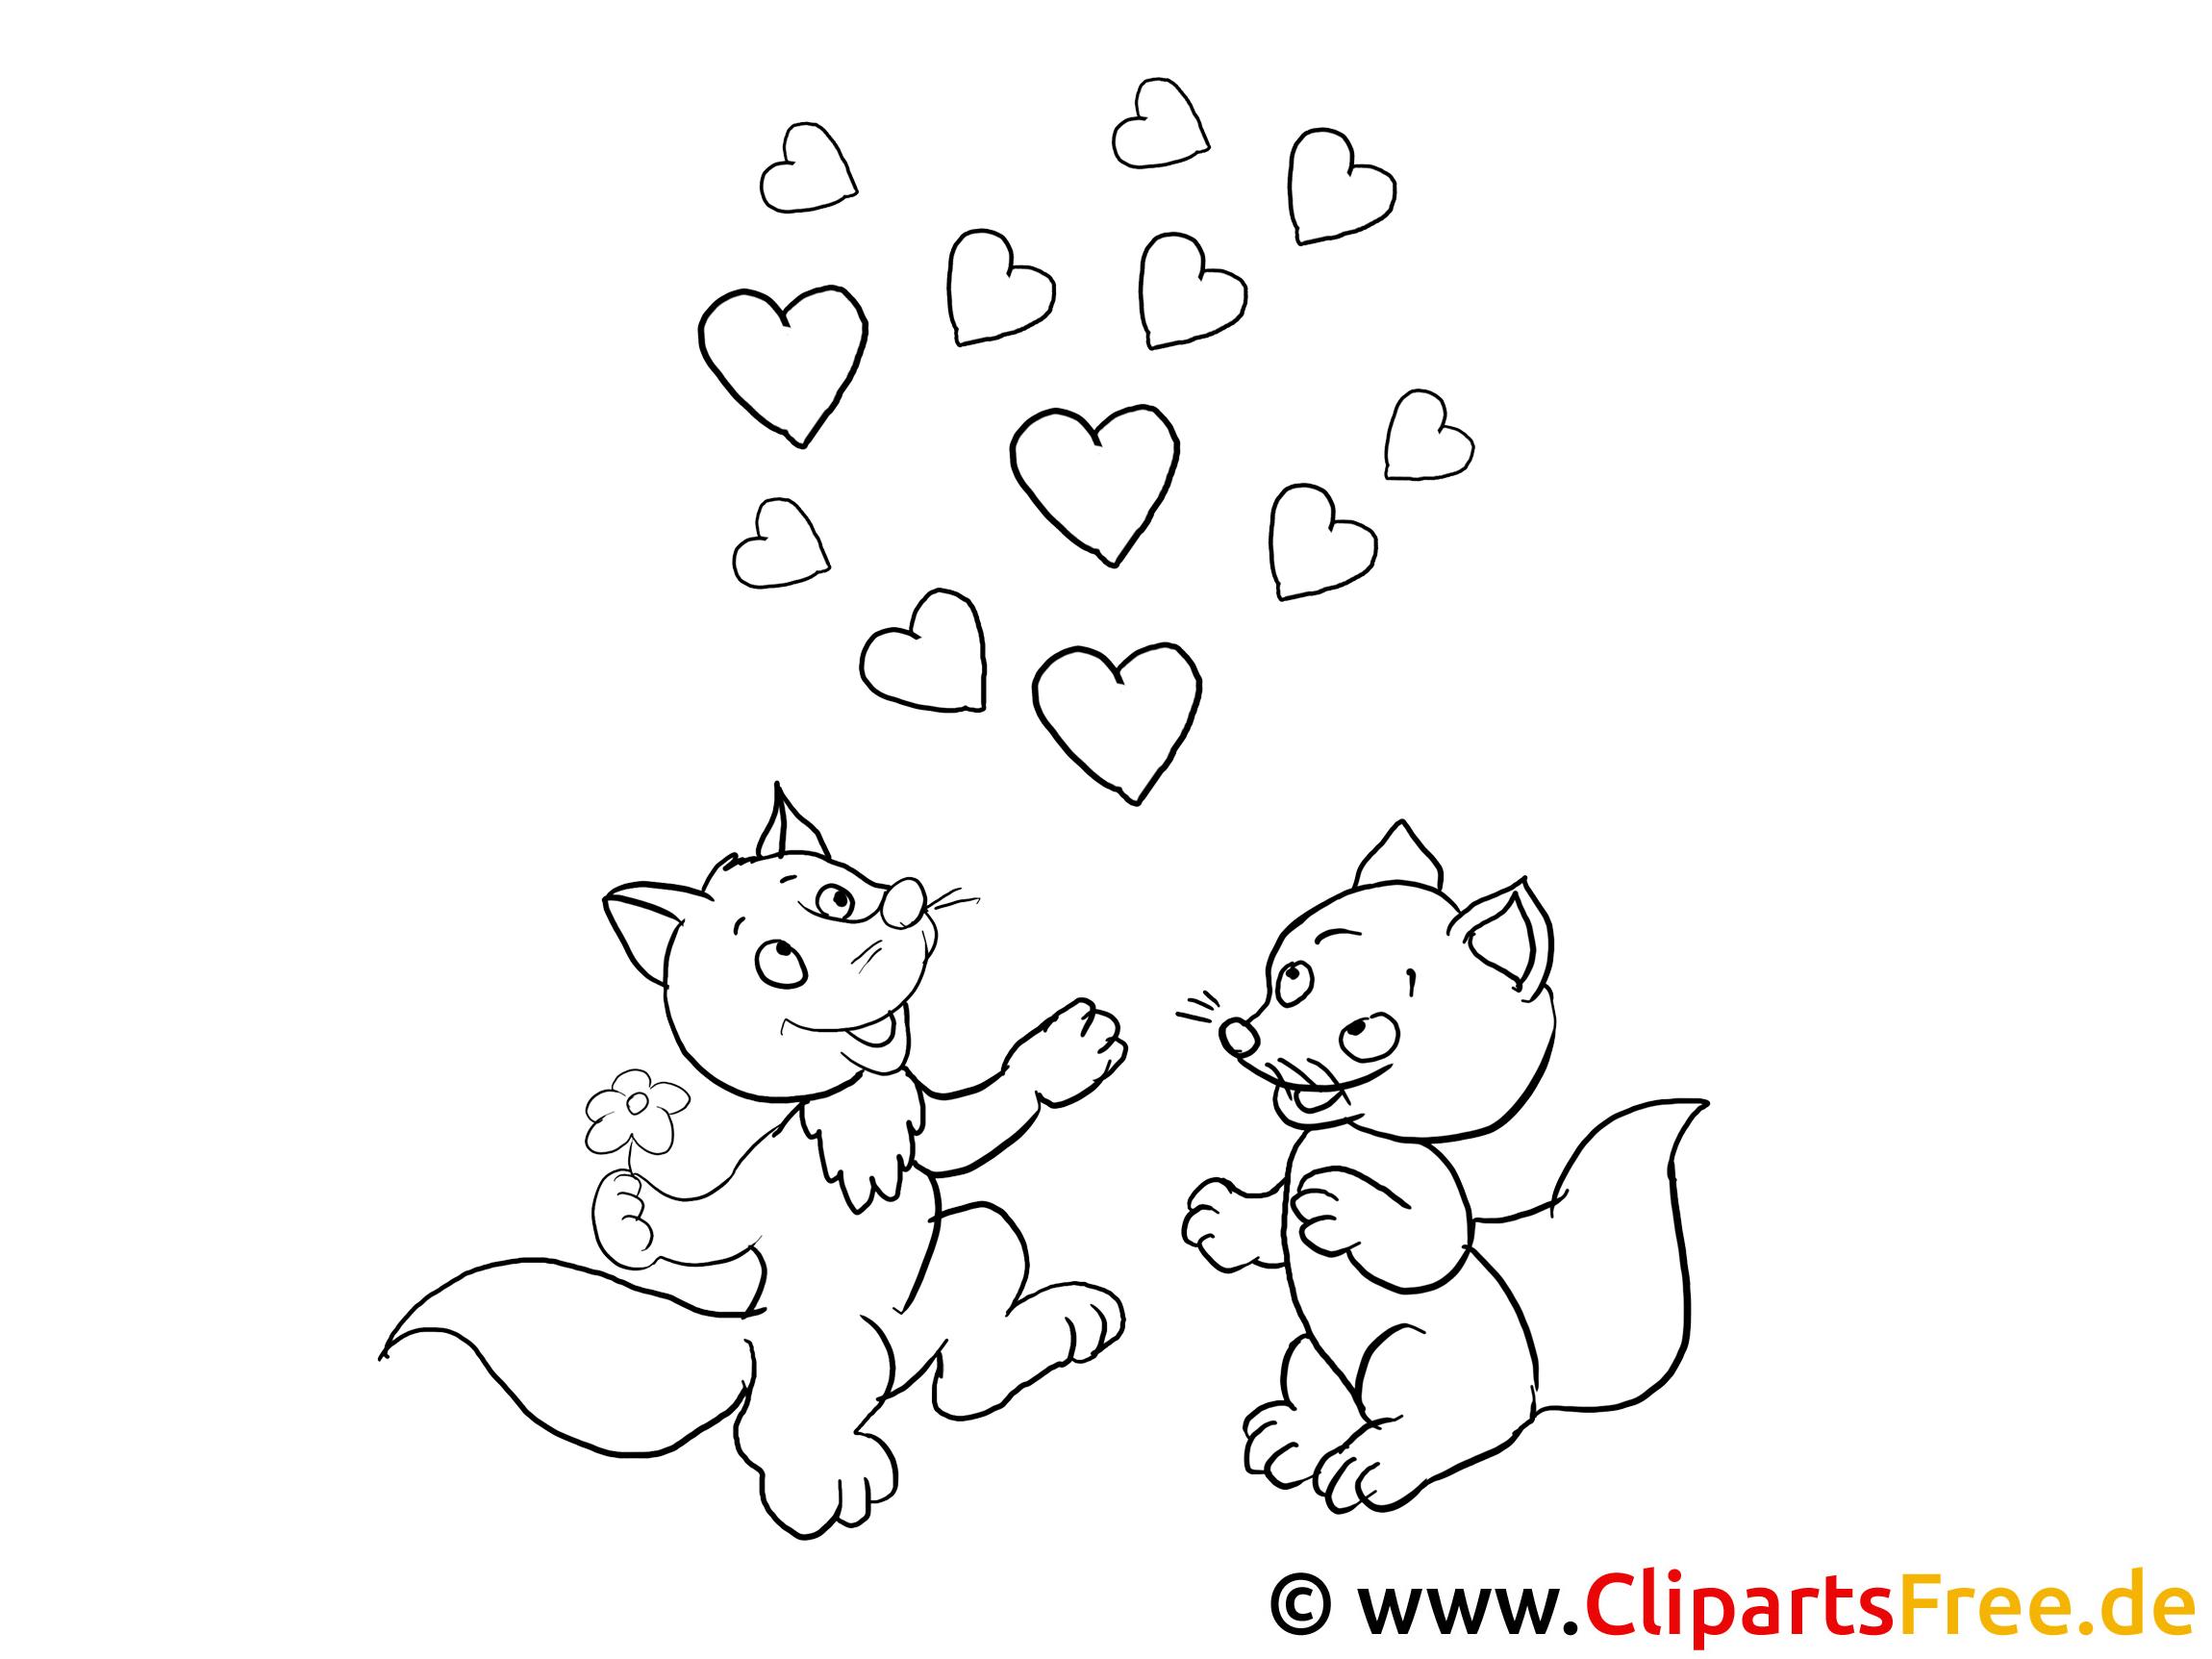 lustige verliebte tiere ausmalbilder für kinder kostenlos